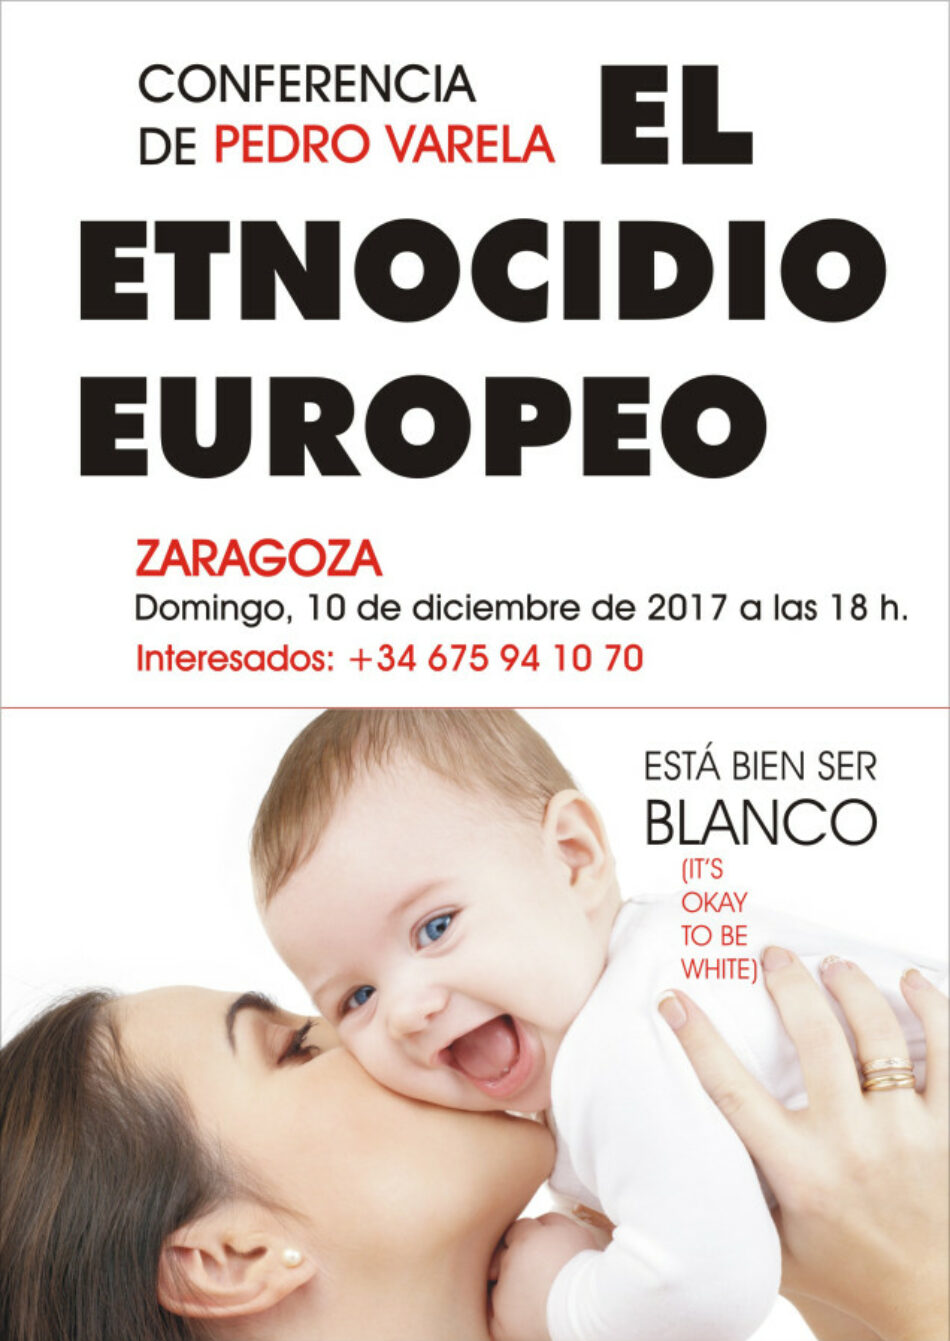 Condenan la celebración de una charla racista en Zaragoza